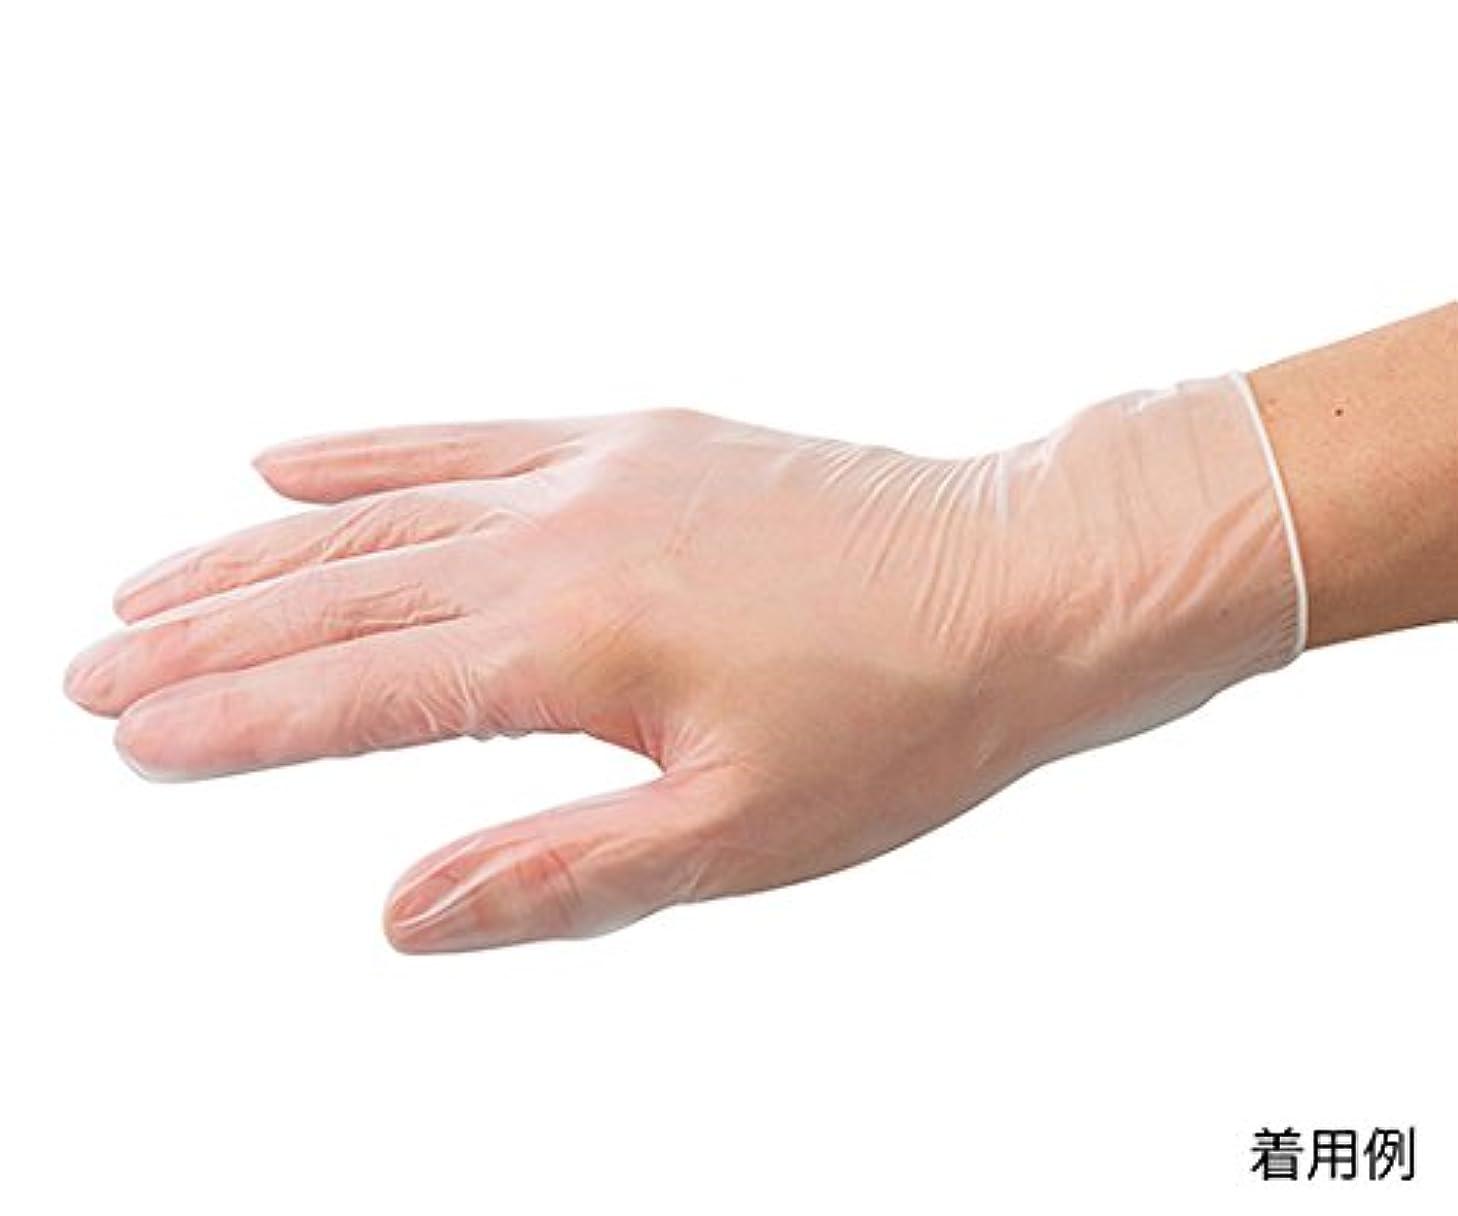 成熟教養がある伝染性ARメディコム?インク?アジアリミテッド7-3726-01バイタルプラスチック手袋(パウダーフリー)S150枚入